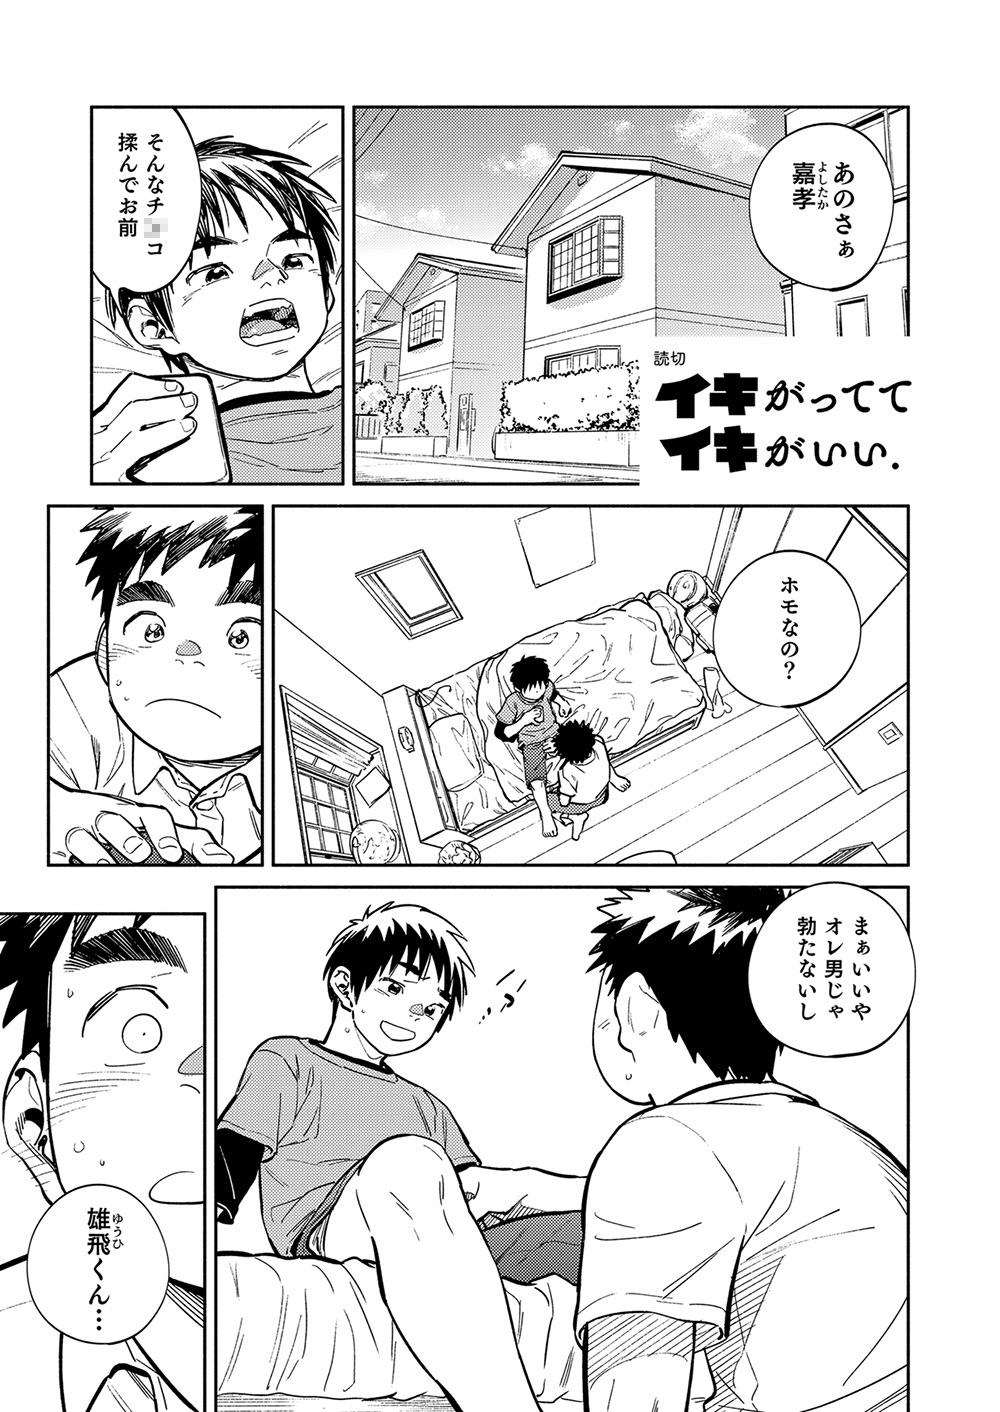 [少年ズーム] の【月刊少年ズーム 2021年4月号】